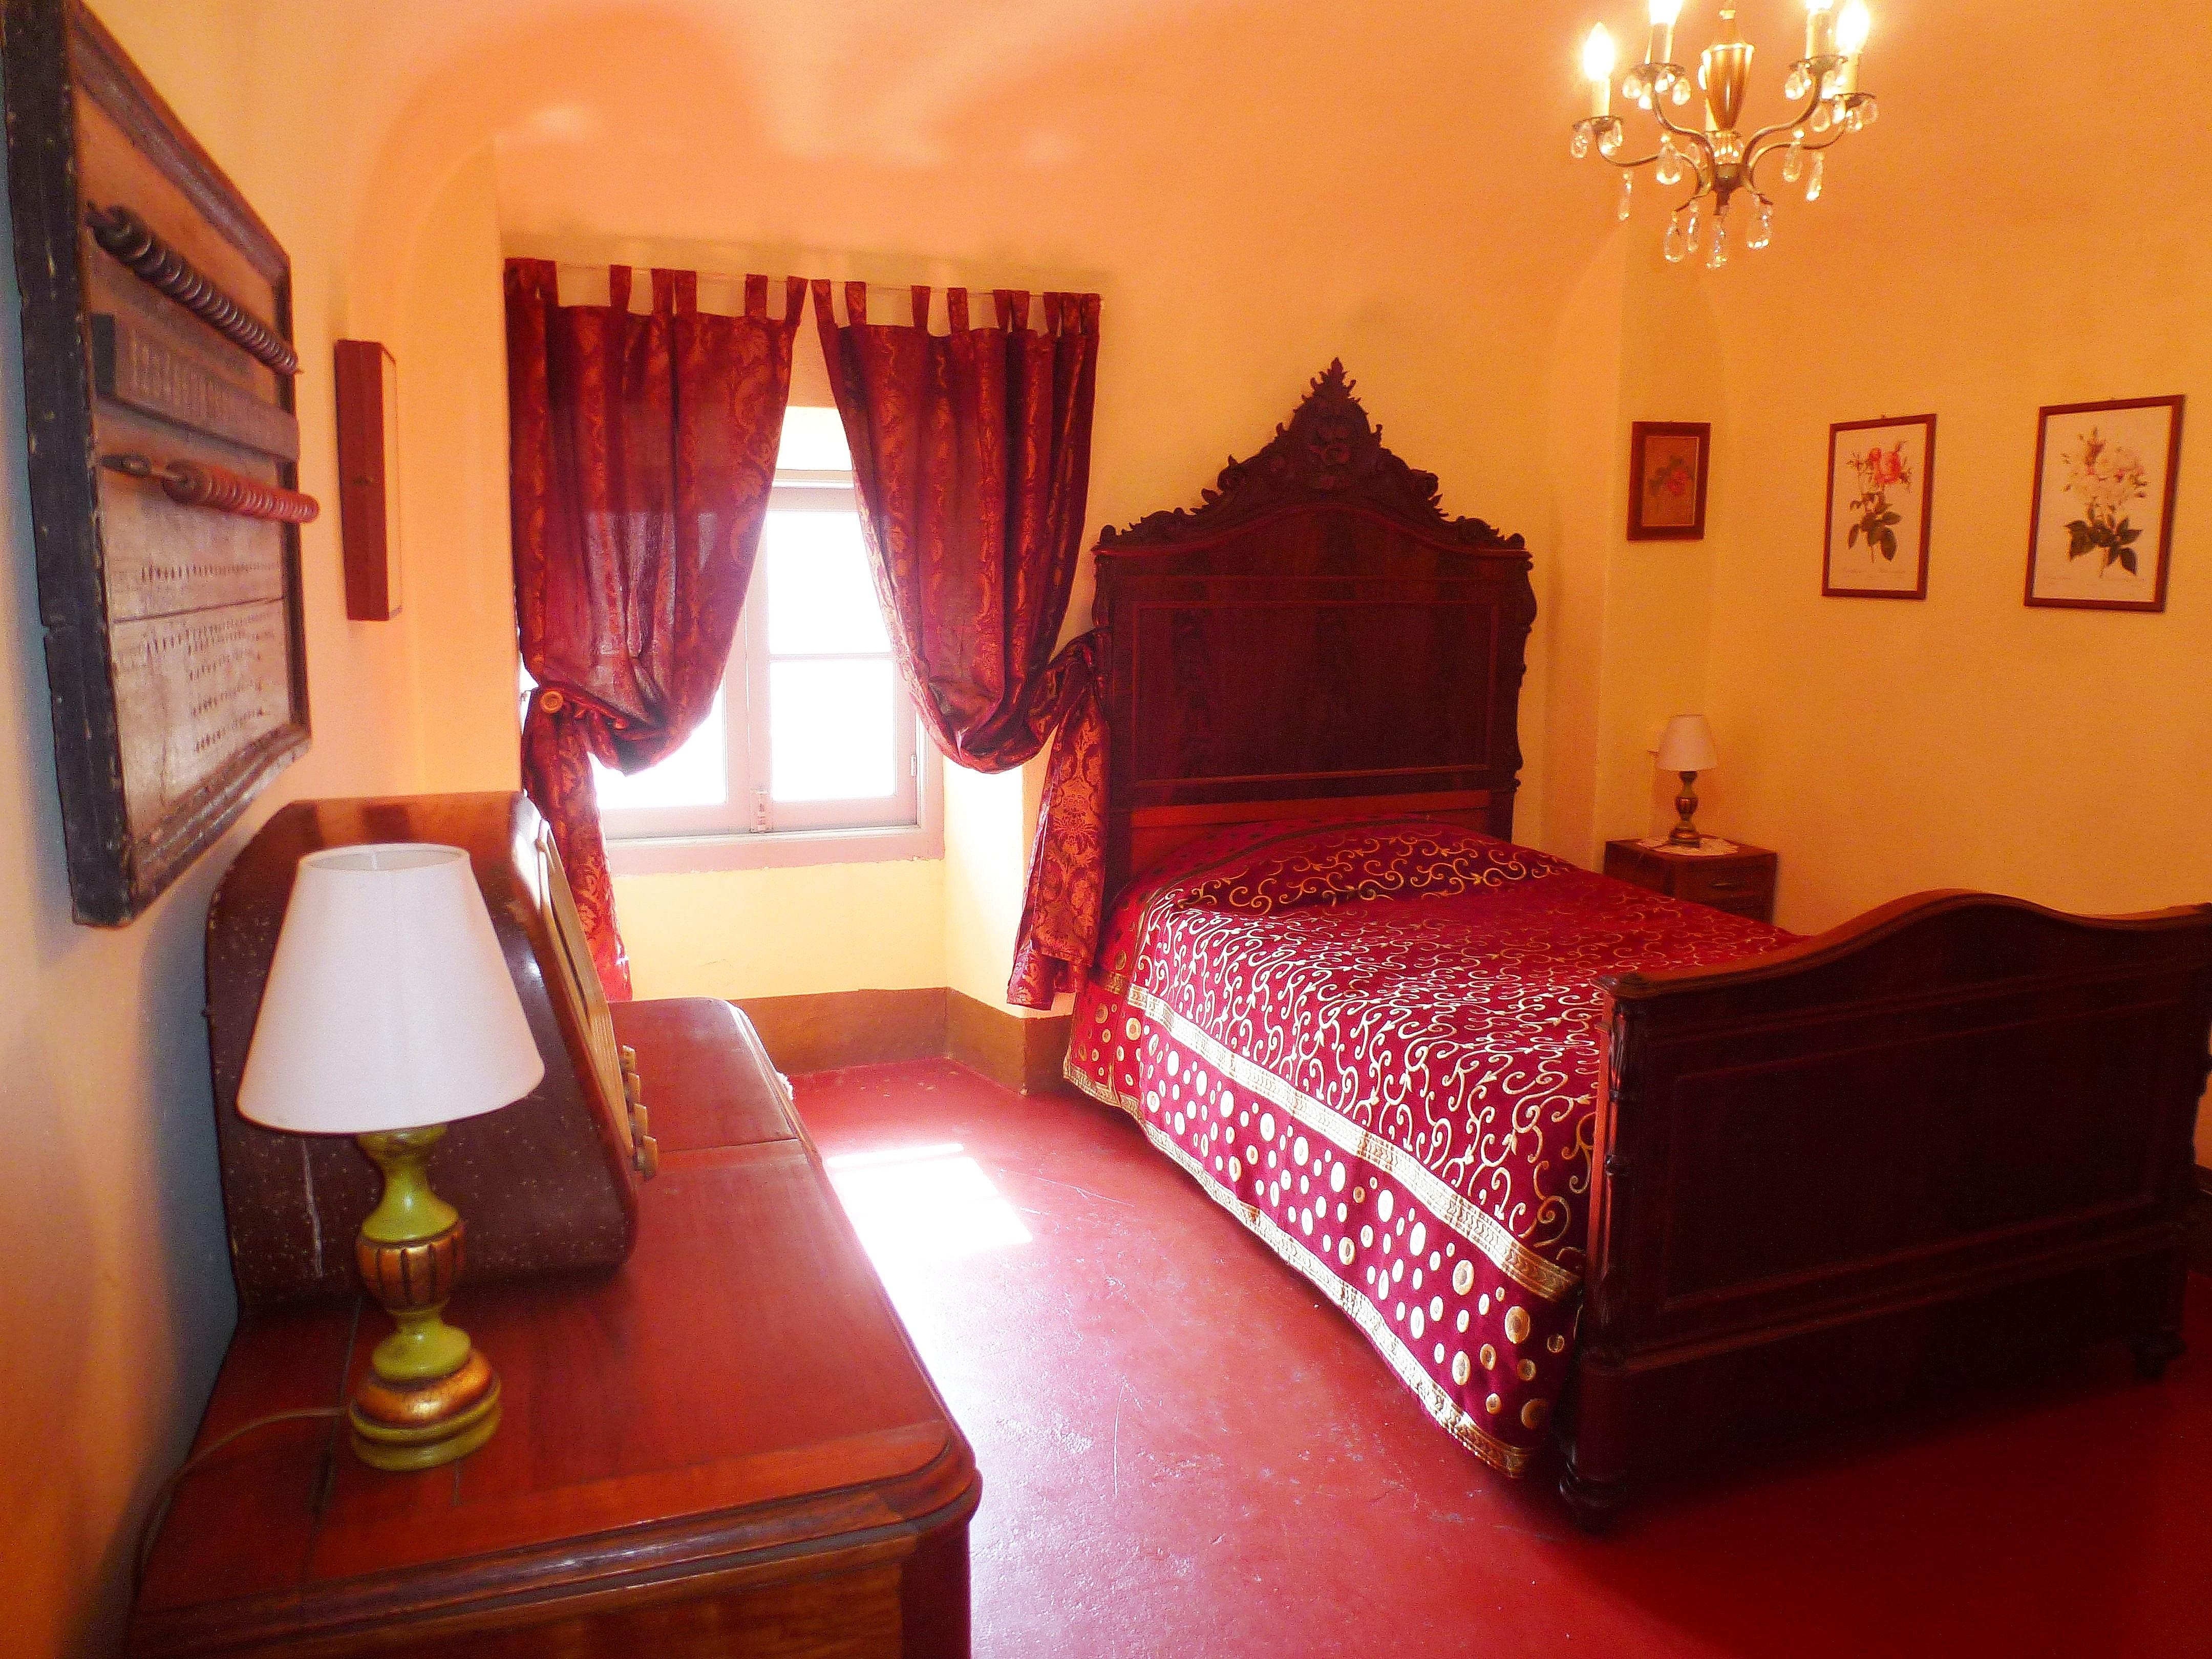 B&B Castello - Tel +39 388 844 4343 - Email info@ositaly.com - B&B nella casa della guardia del Castello di Tassarolo